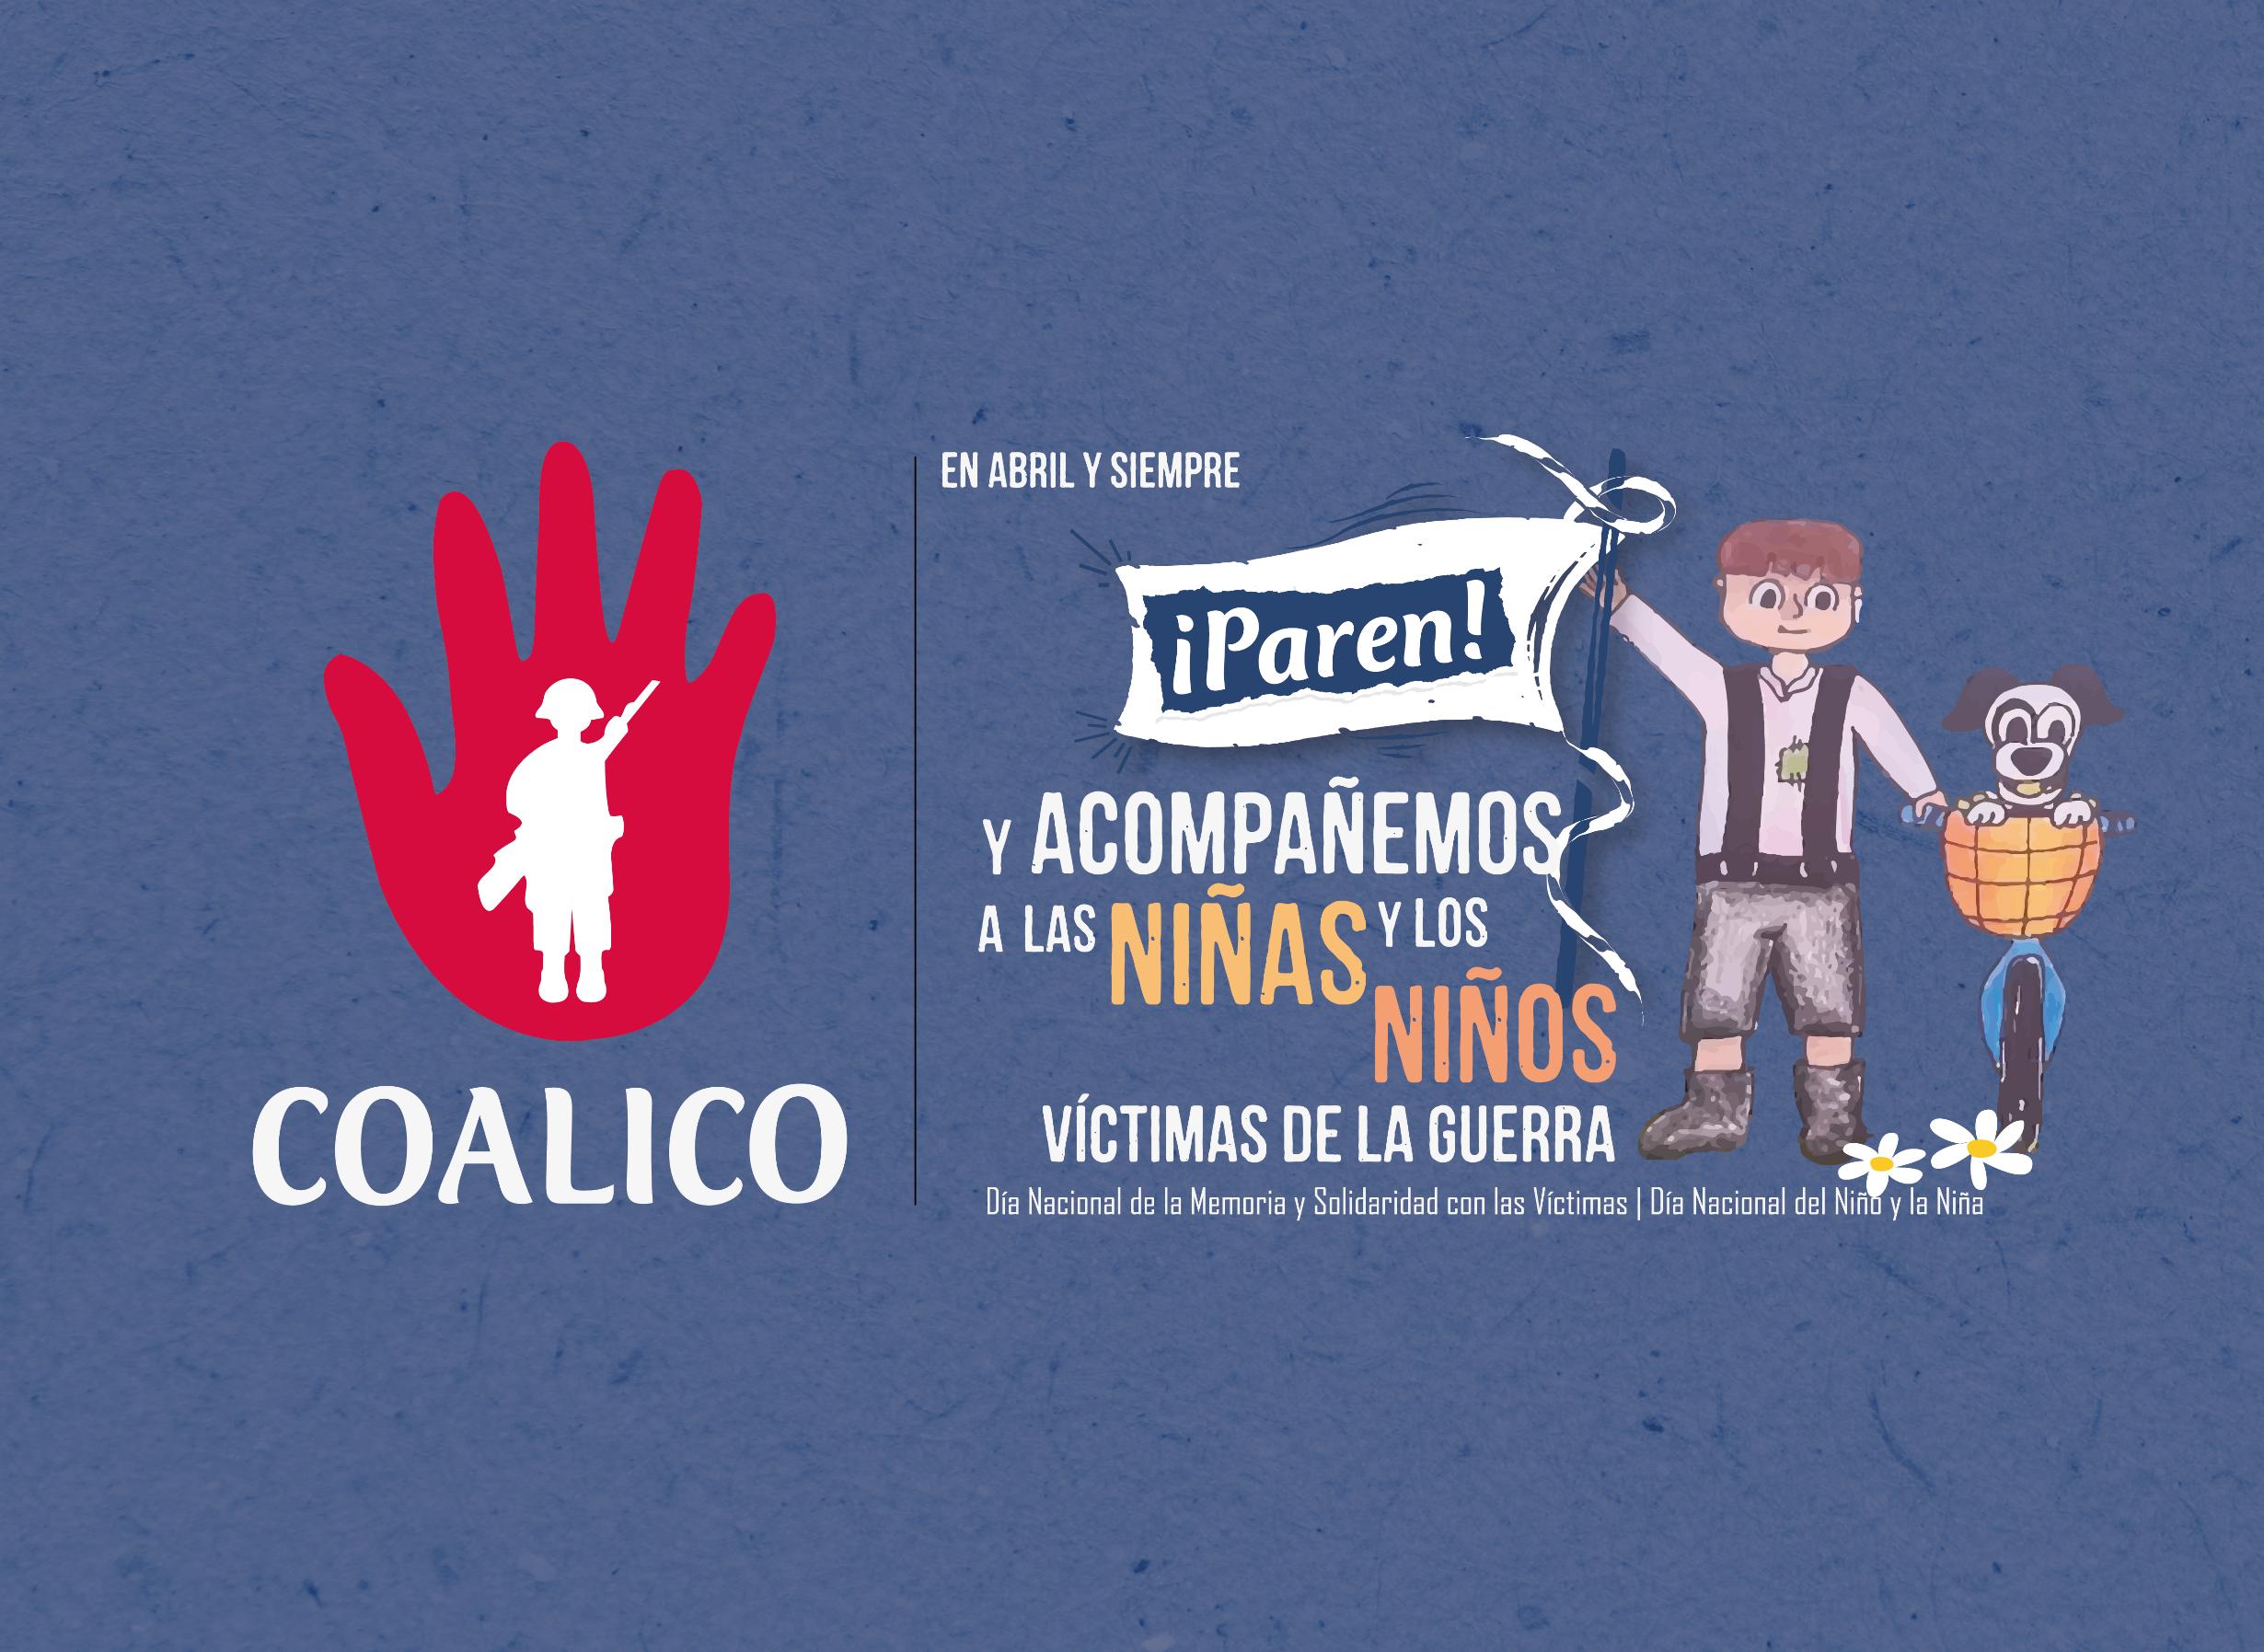 COMUNICADO PÚBLICO: LAS NIÑAS, NIÑOS Y ADOLESCENTES HAN SIDO Y SON VÍCTIMAS DEL CONFLICTO ARMADO EN COLOMBIA